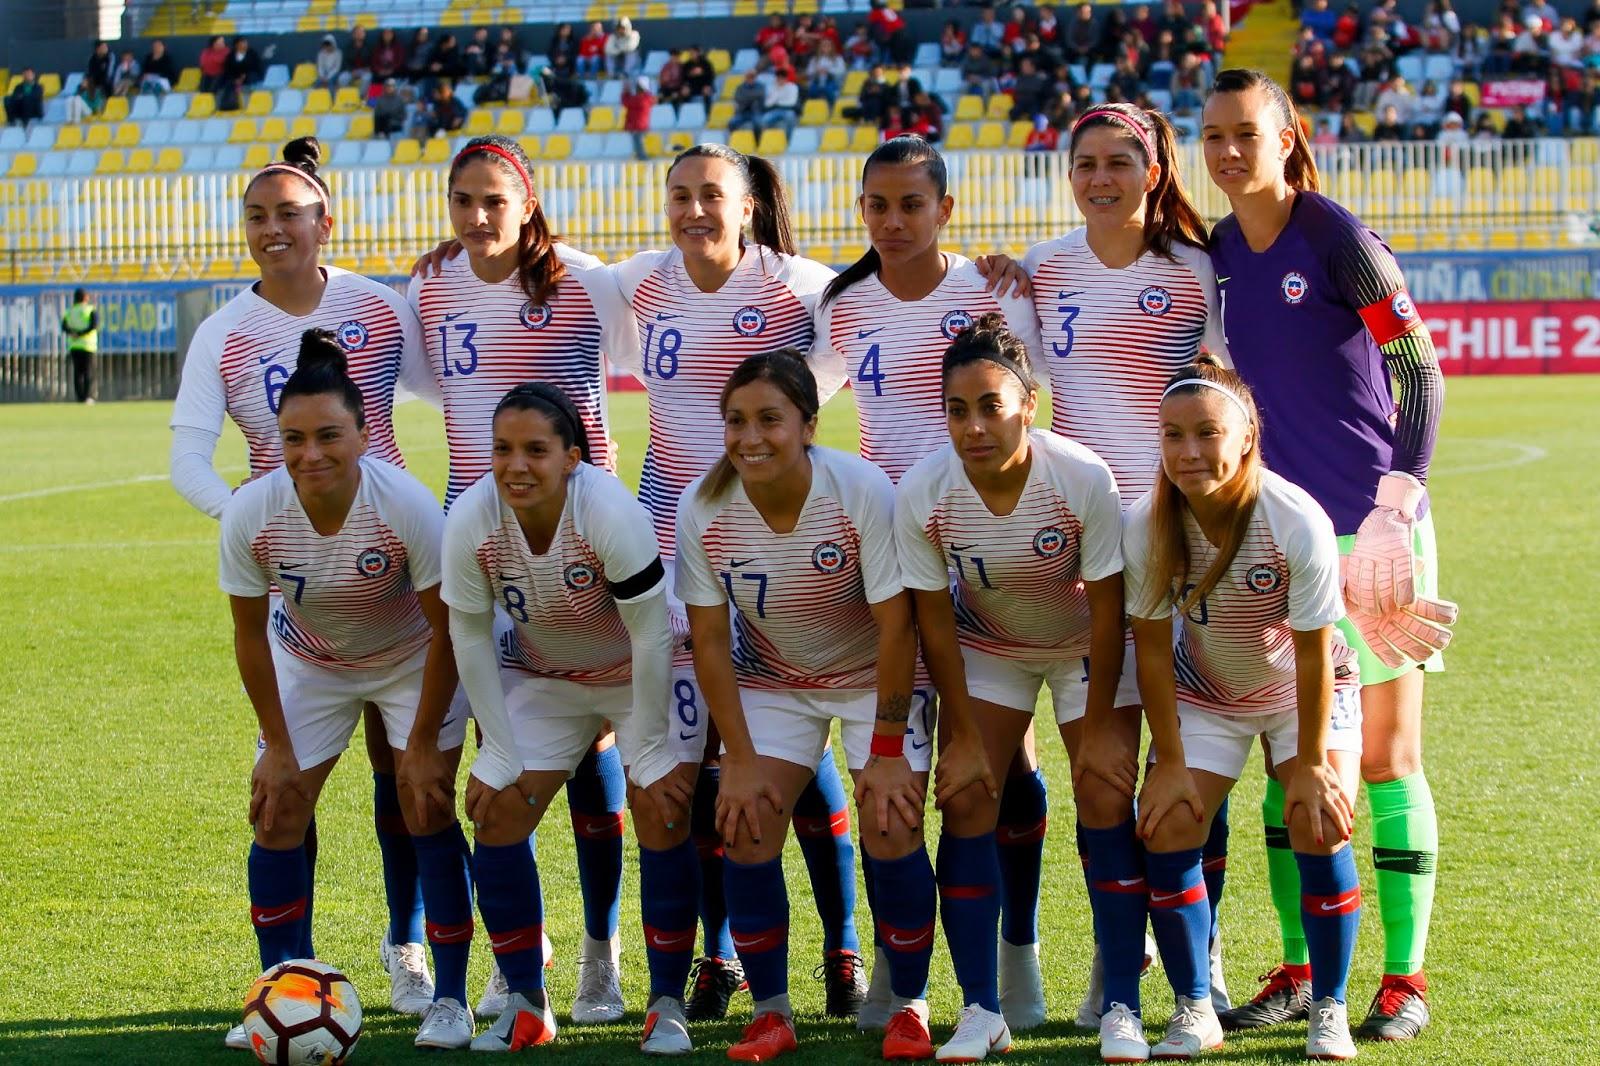 Formación de selección femenina de Chile ante Sudáfrica, amistoso disputado el 6 de octubre de 2018